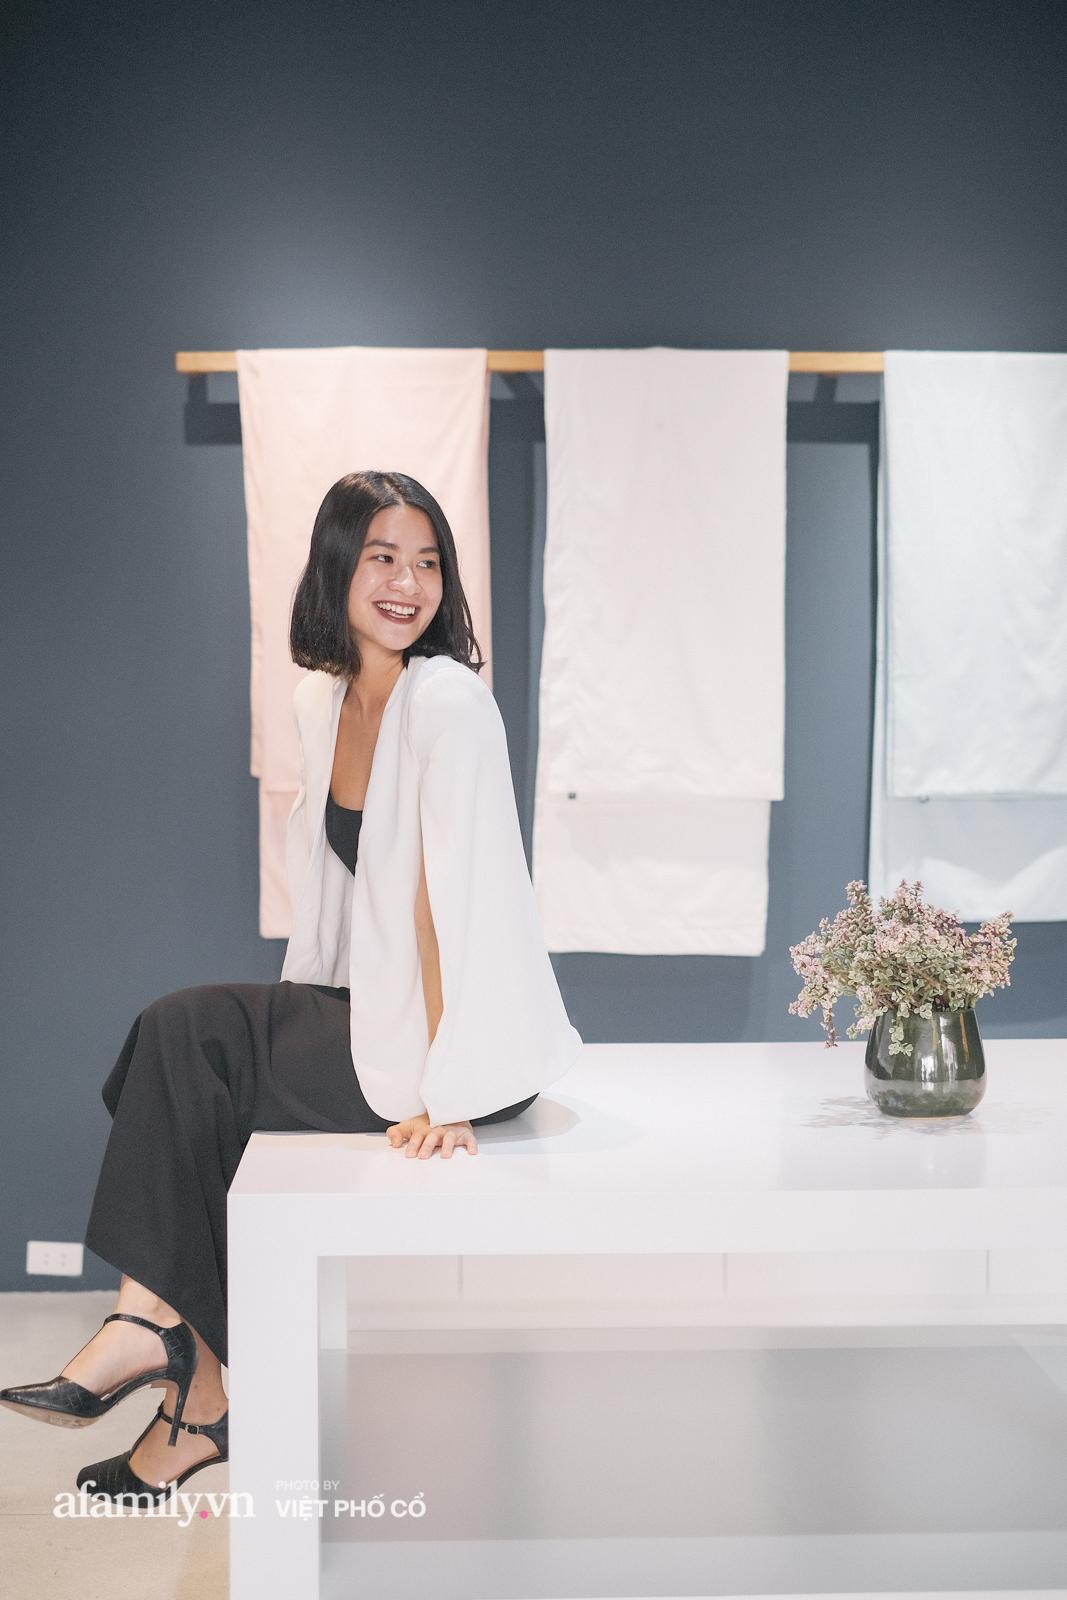 """Đặng Thùy Trang: Bỏ cơ hội rộng mở ở nước ngoài, chia tay công việc nghìn đô về làm """"công chúa hạt đậu"""" vì những giấc ngủ bồng bềnh trên 9 tầng mây - Ảnh 2."""